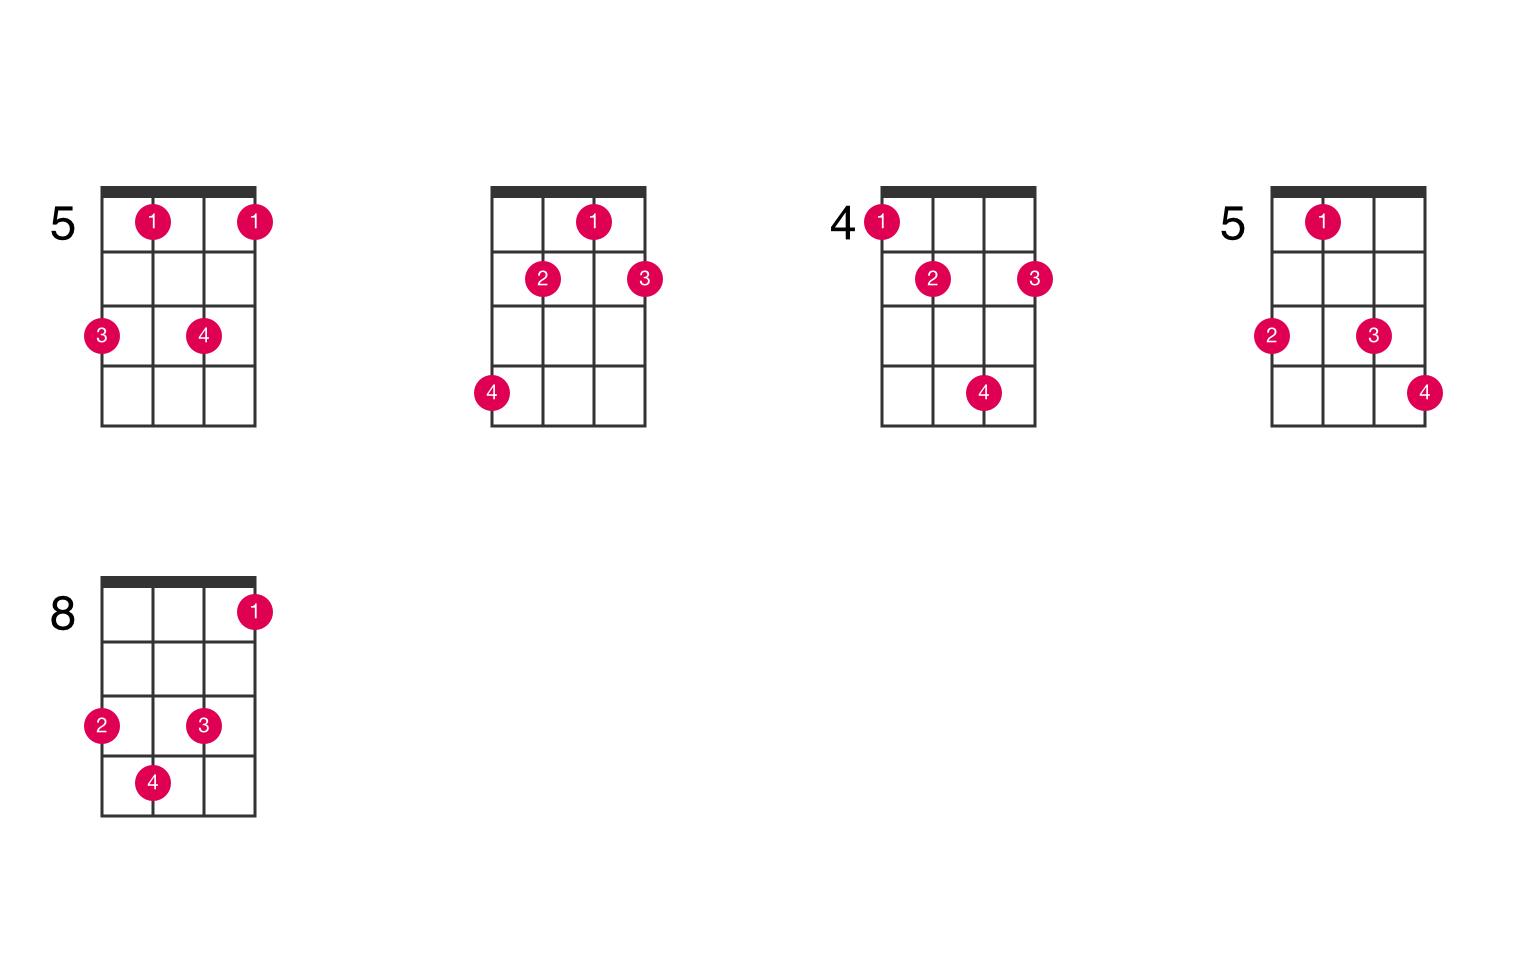 Bm♭15 ukulele chord   UkeLib Chords